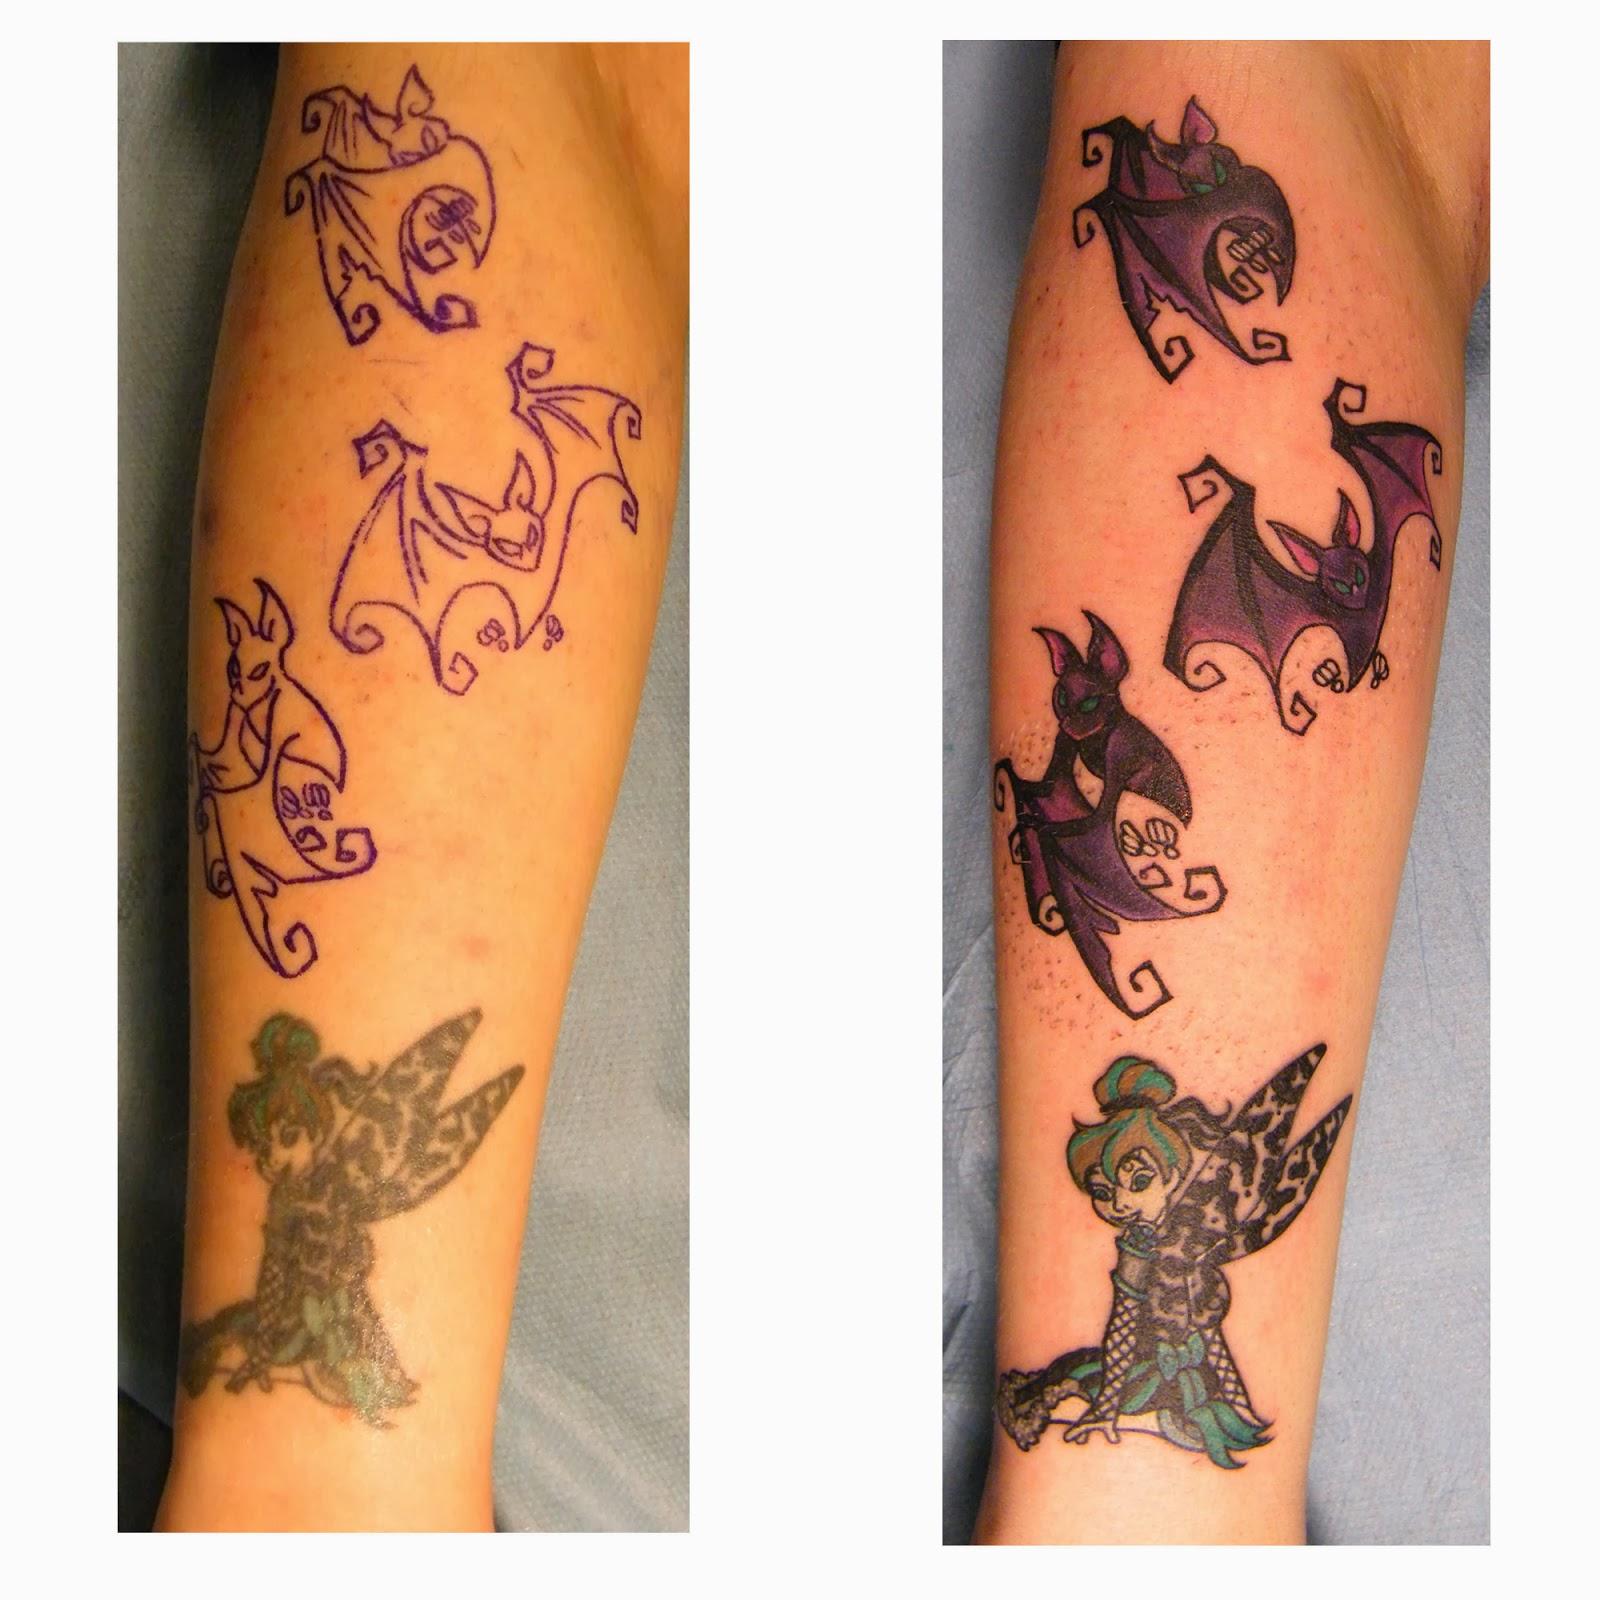 tatouage de chauve souris - La Chauve Souris Piercing & Tattoo Studio Tatoueur